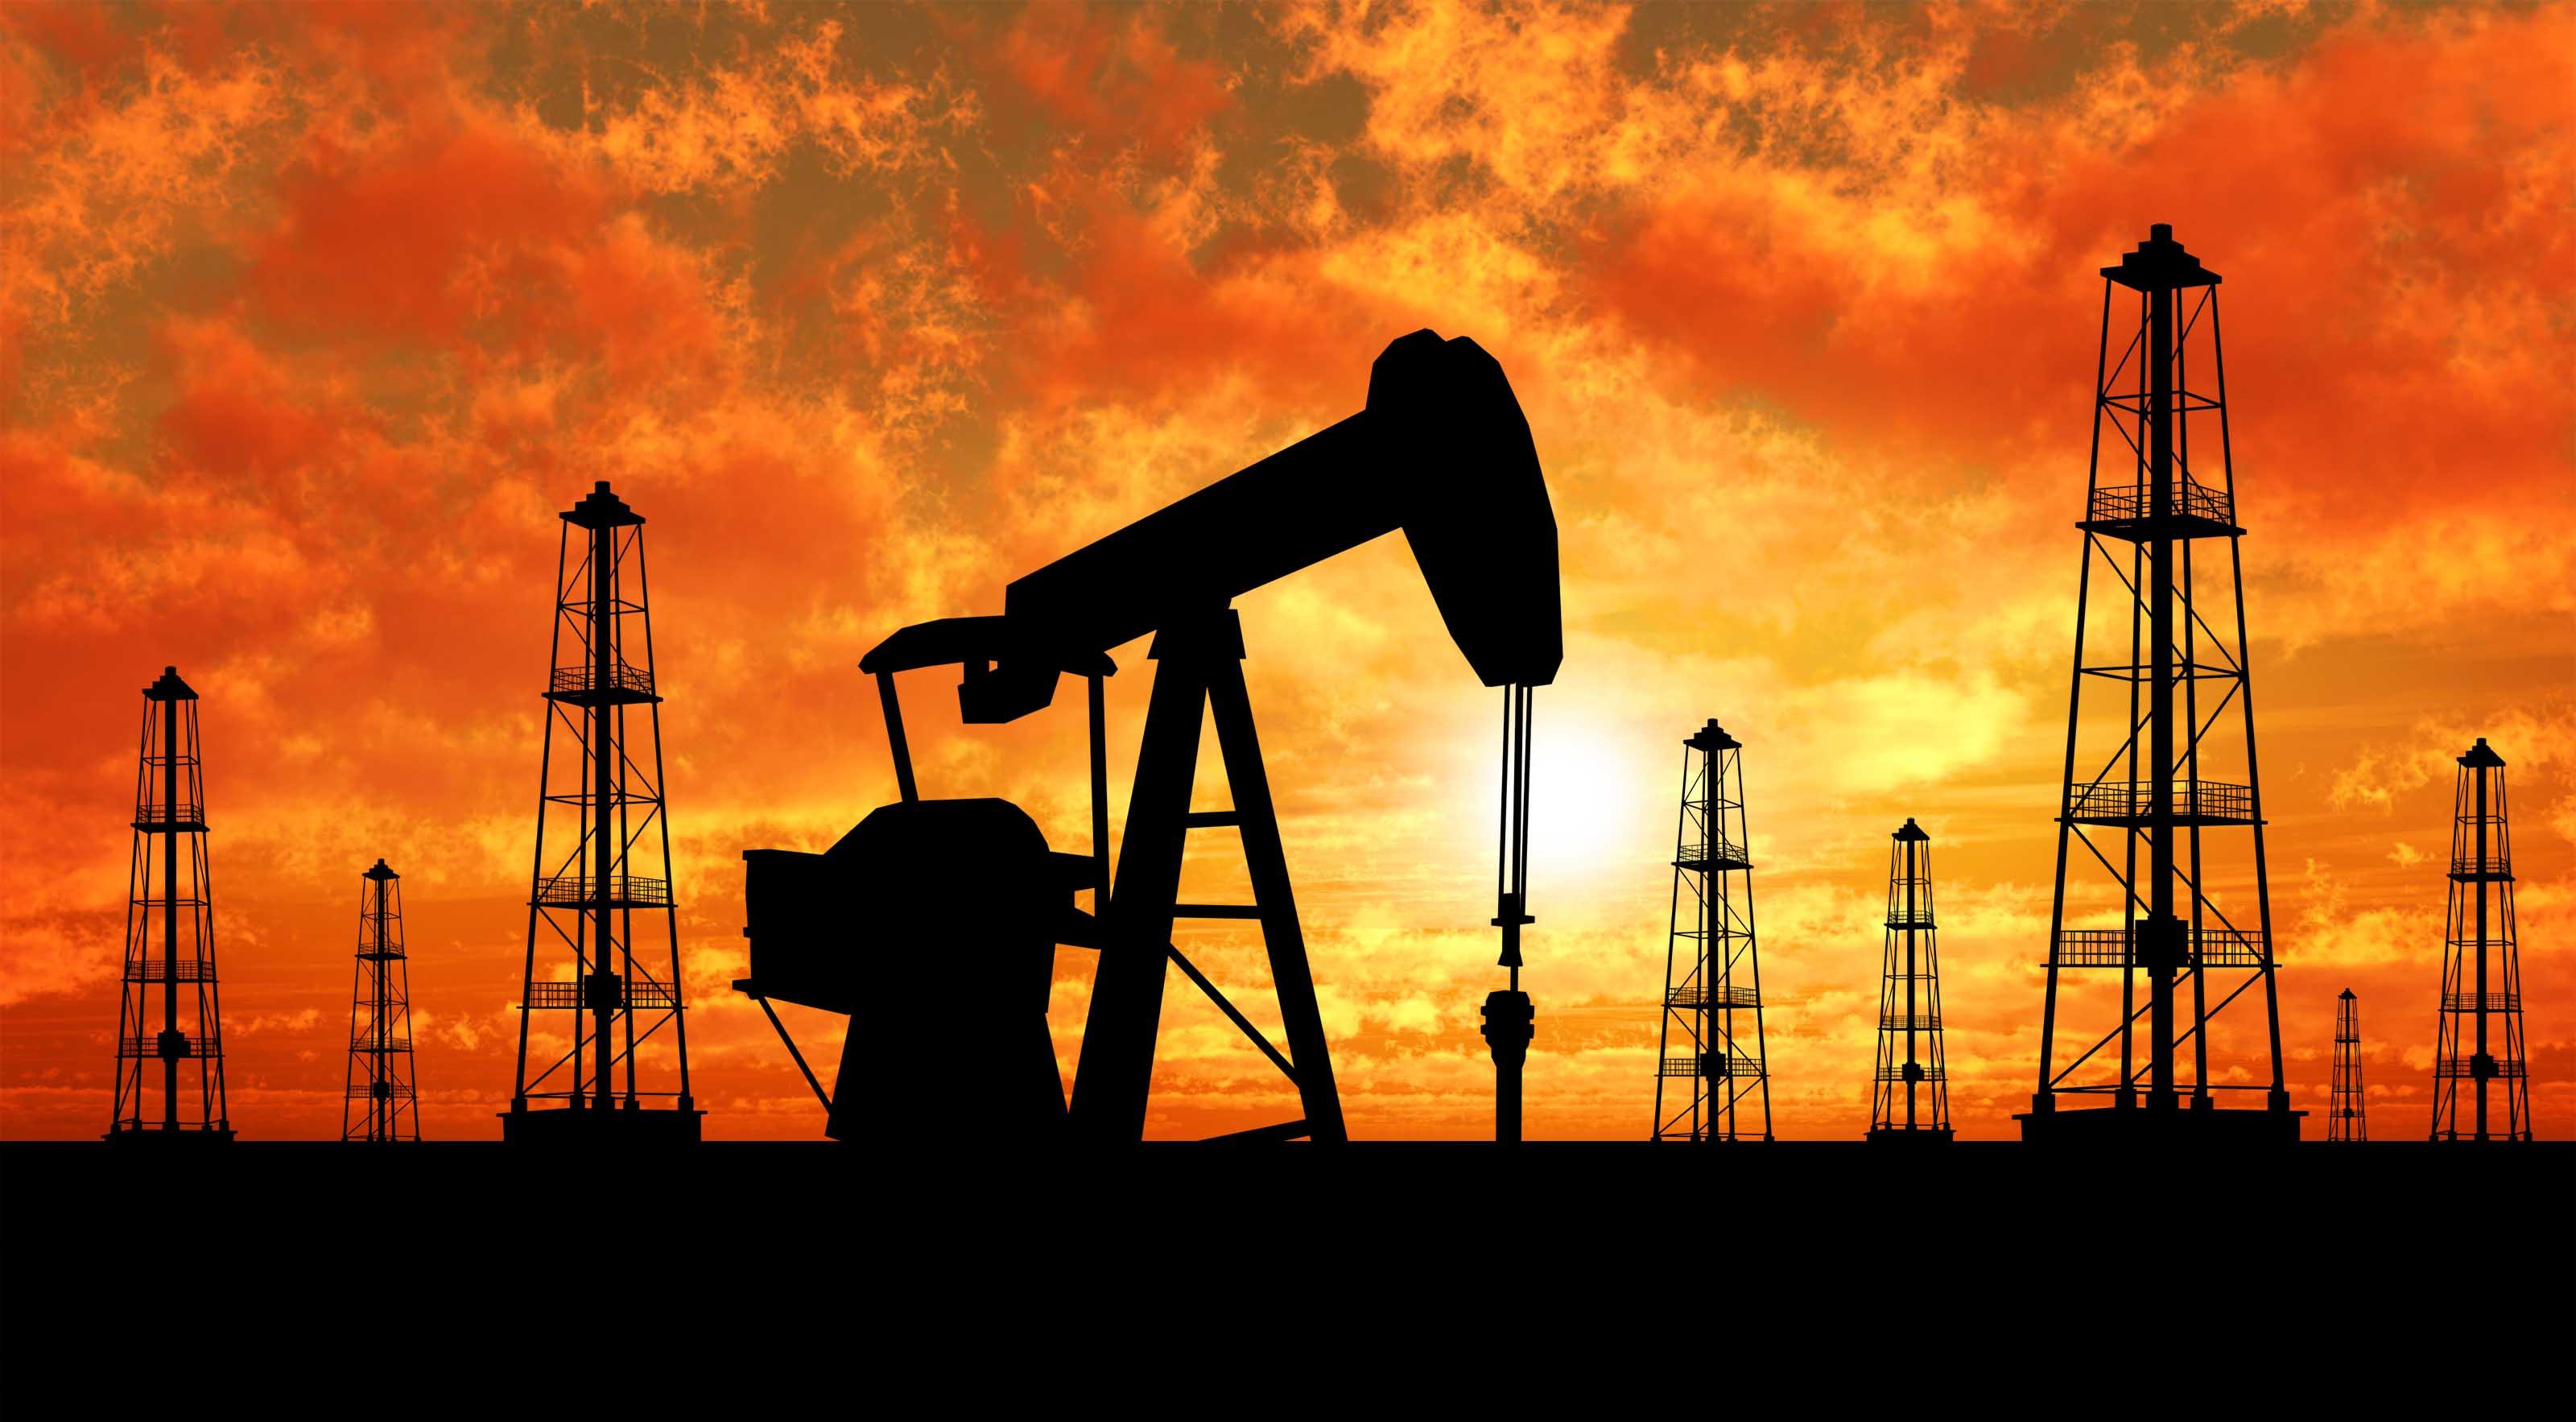 الإمارات تشهد أول عجز مالي منذ 2009 بسبب هبوط النفط